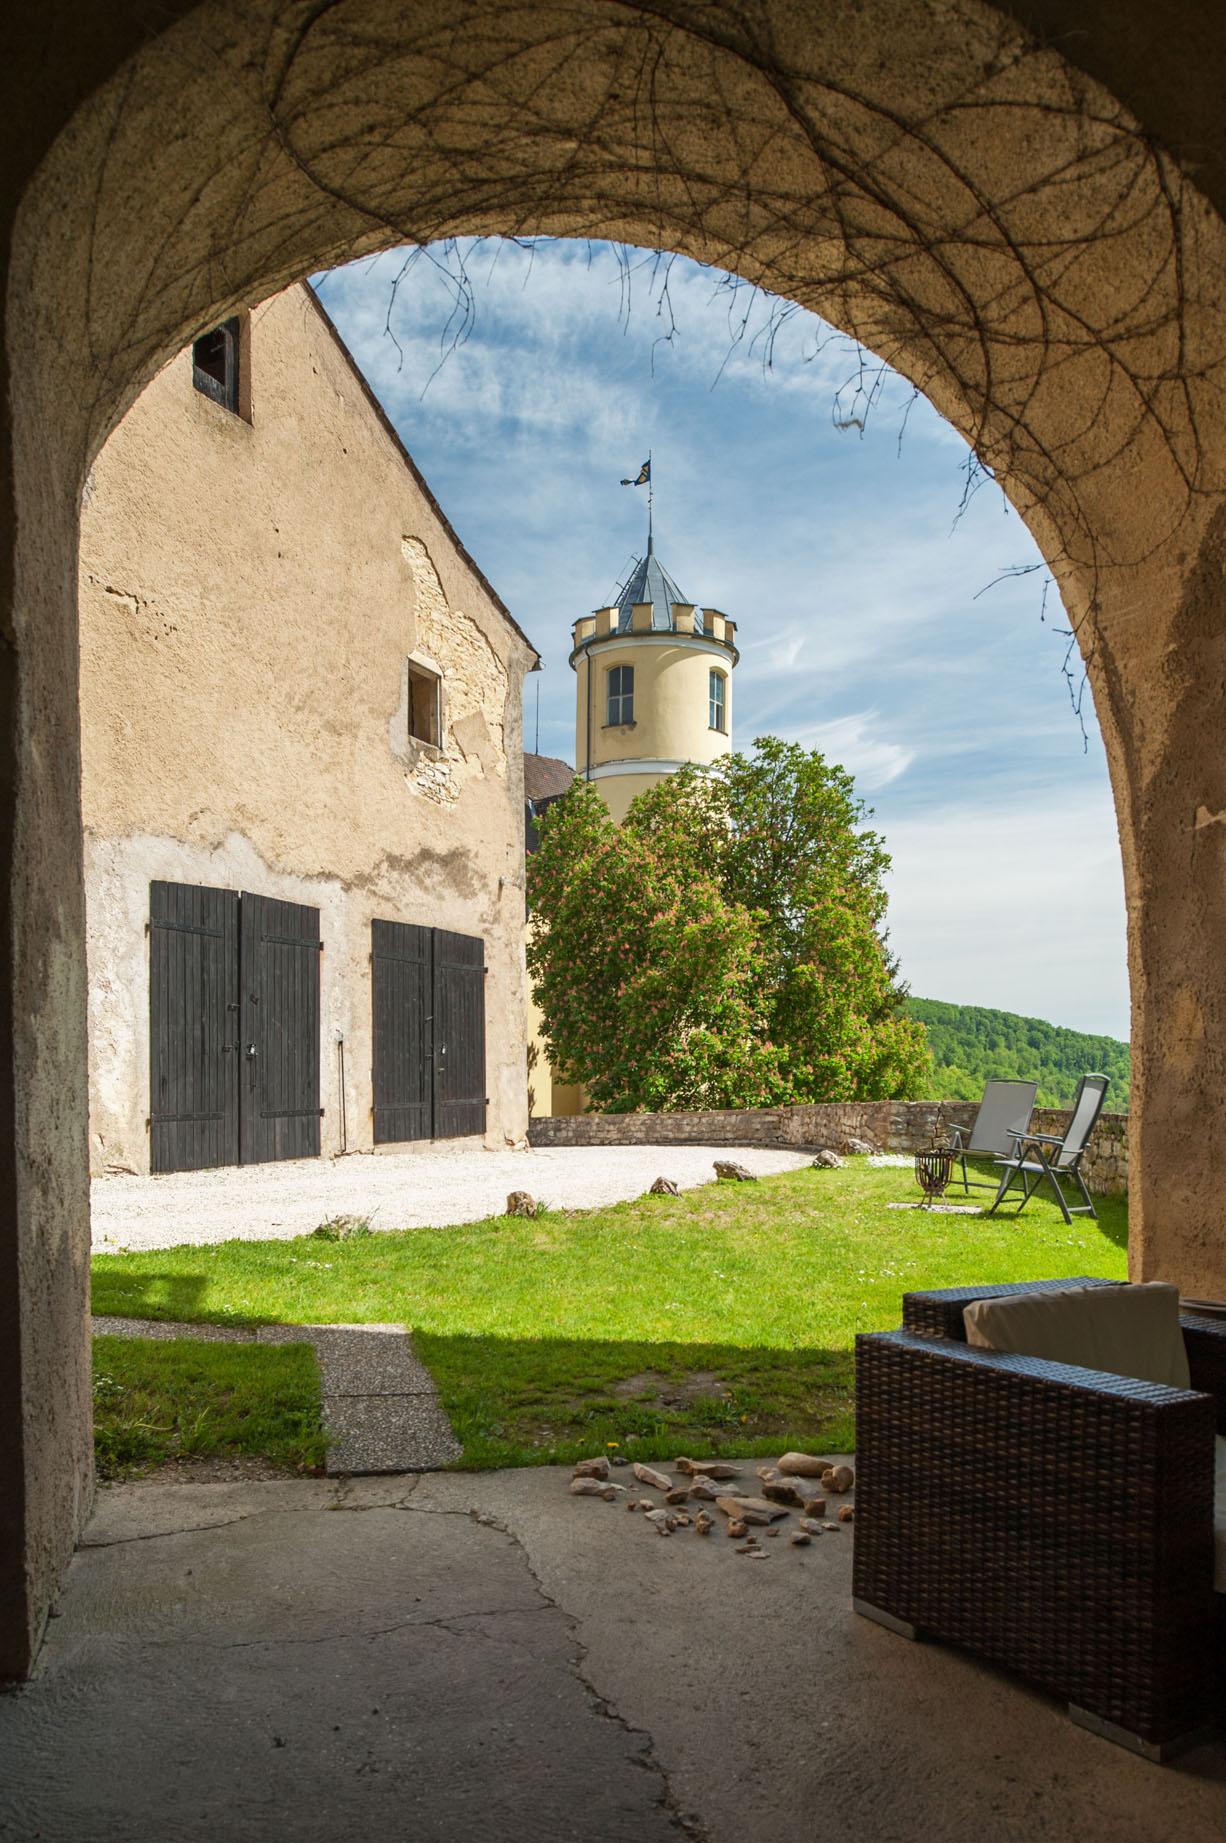 Vakantiehuis in kasteeltoren 2 - 4 personen